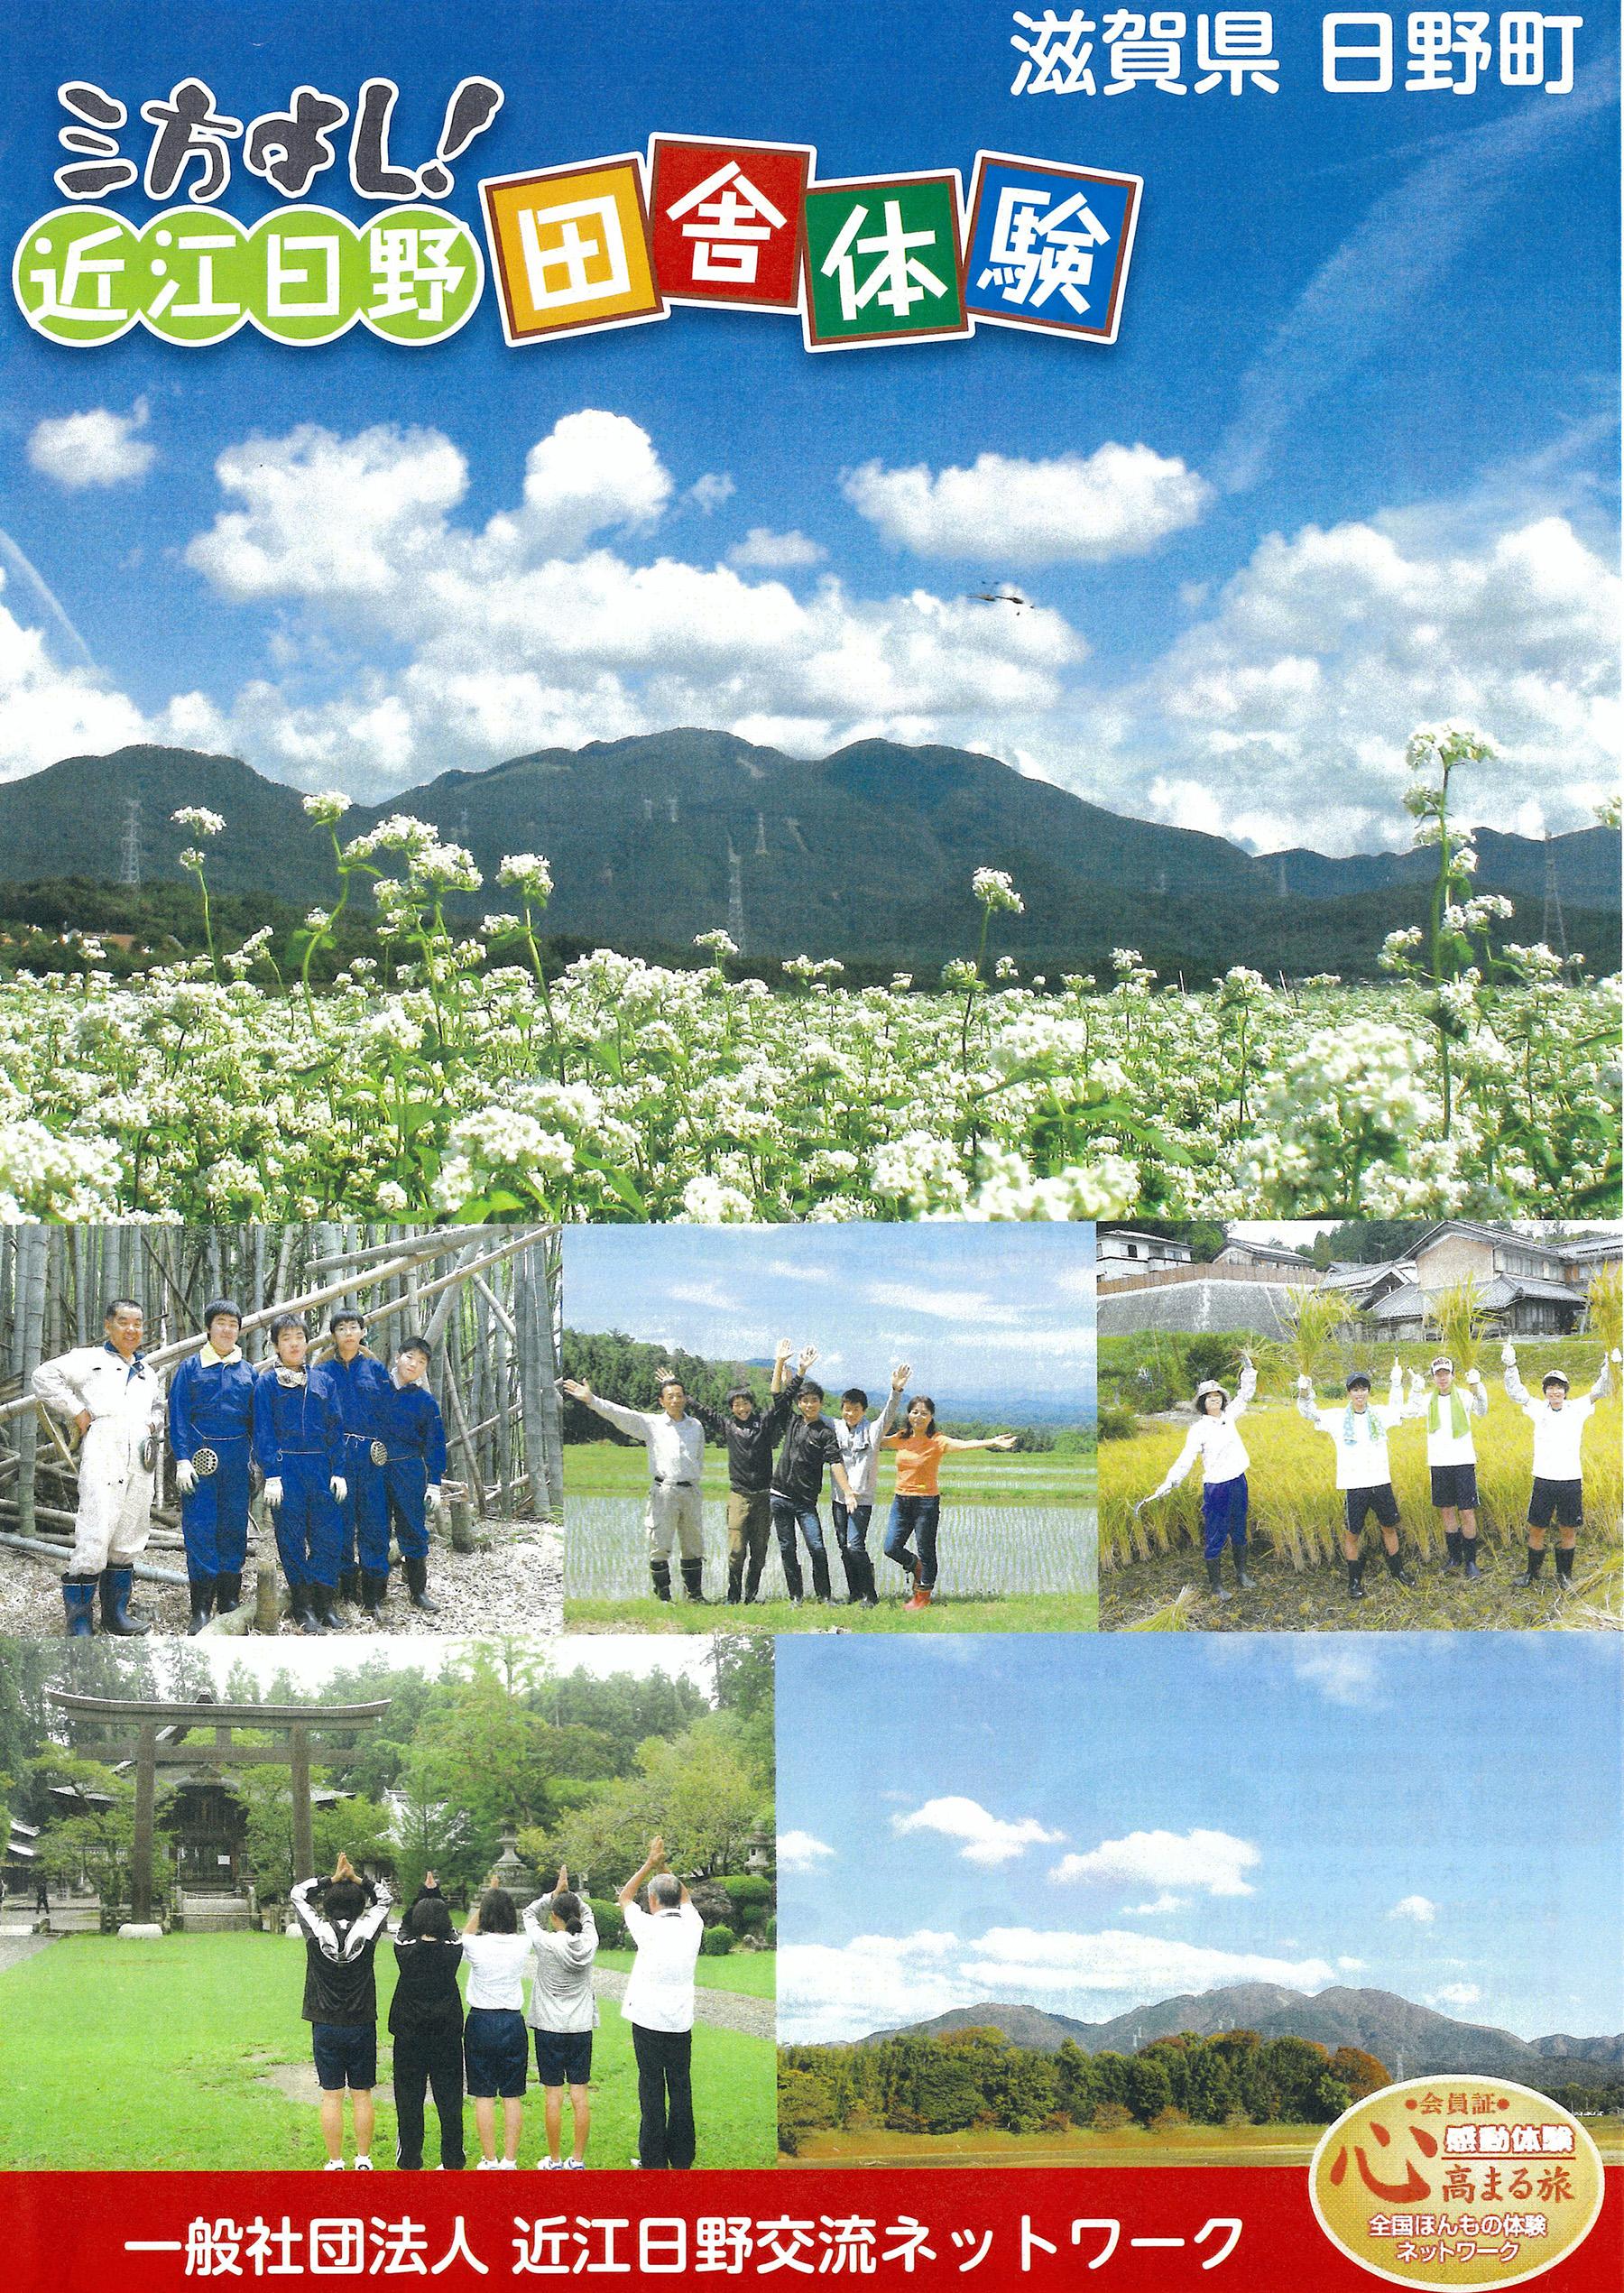 近江日野田舎体験プログラム(パンフレット表紙)